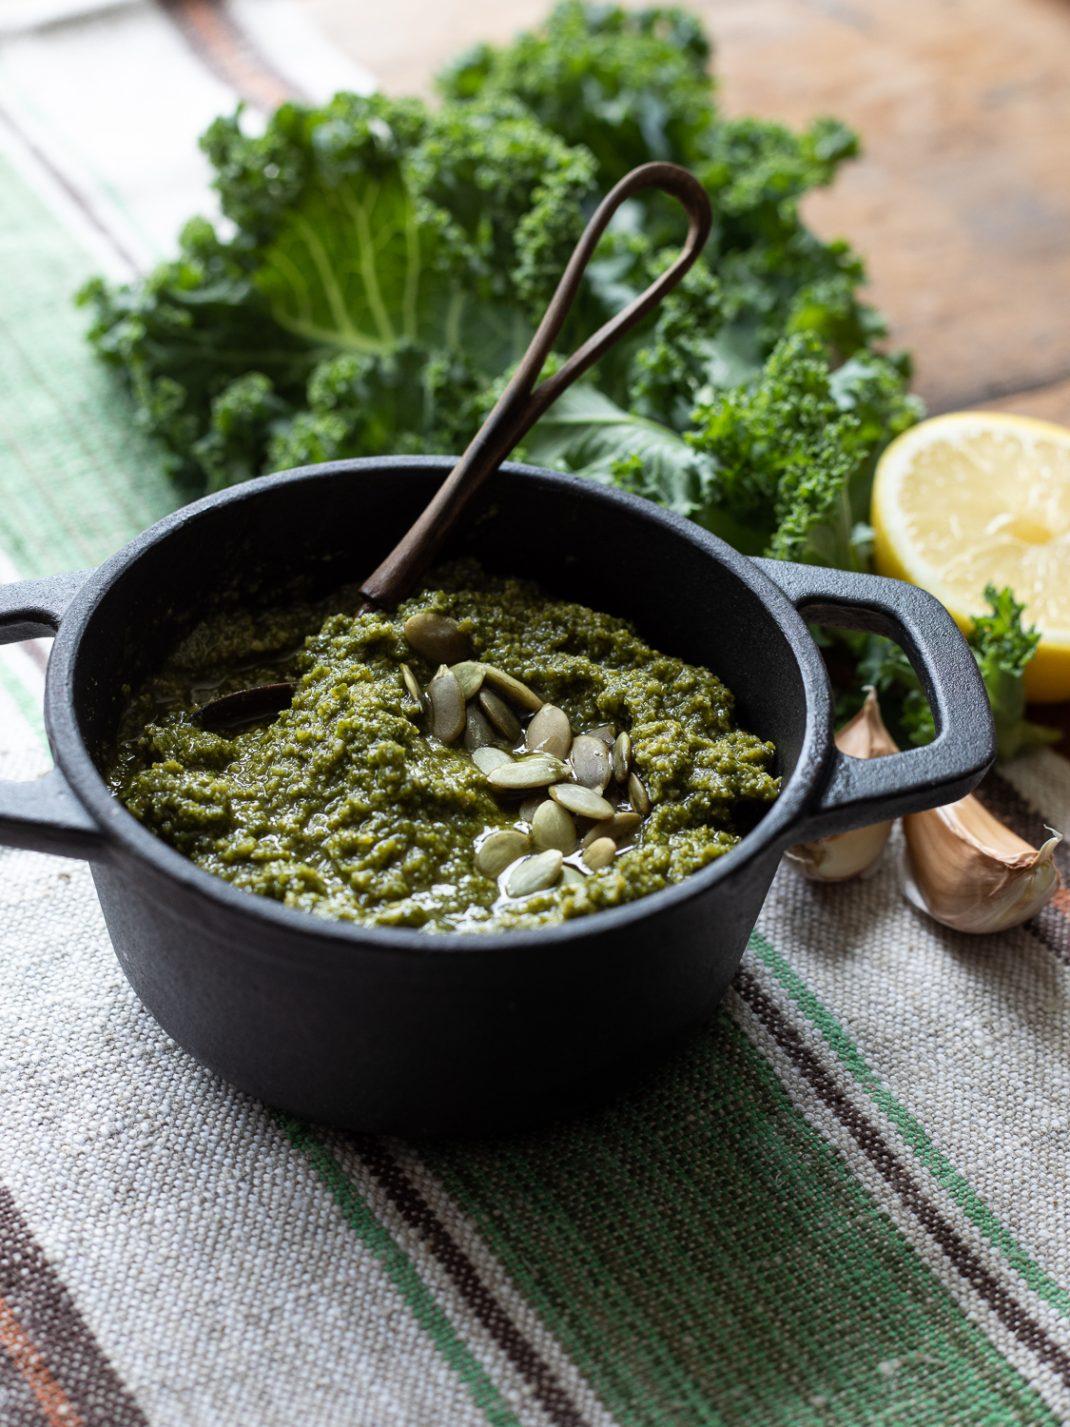 Pesto av grönkål i en svart bytta. Bredvid syns kålblad, citron och vitlöksklyftor.